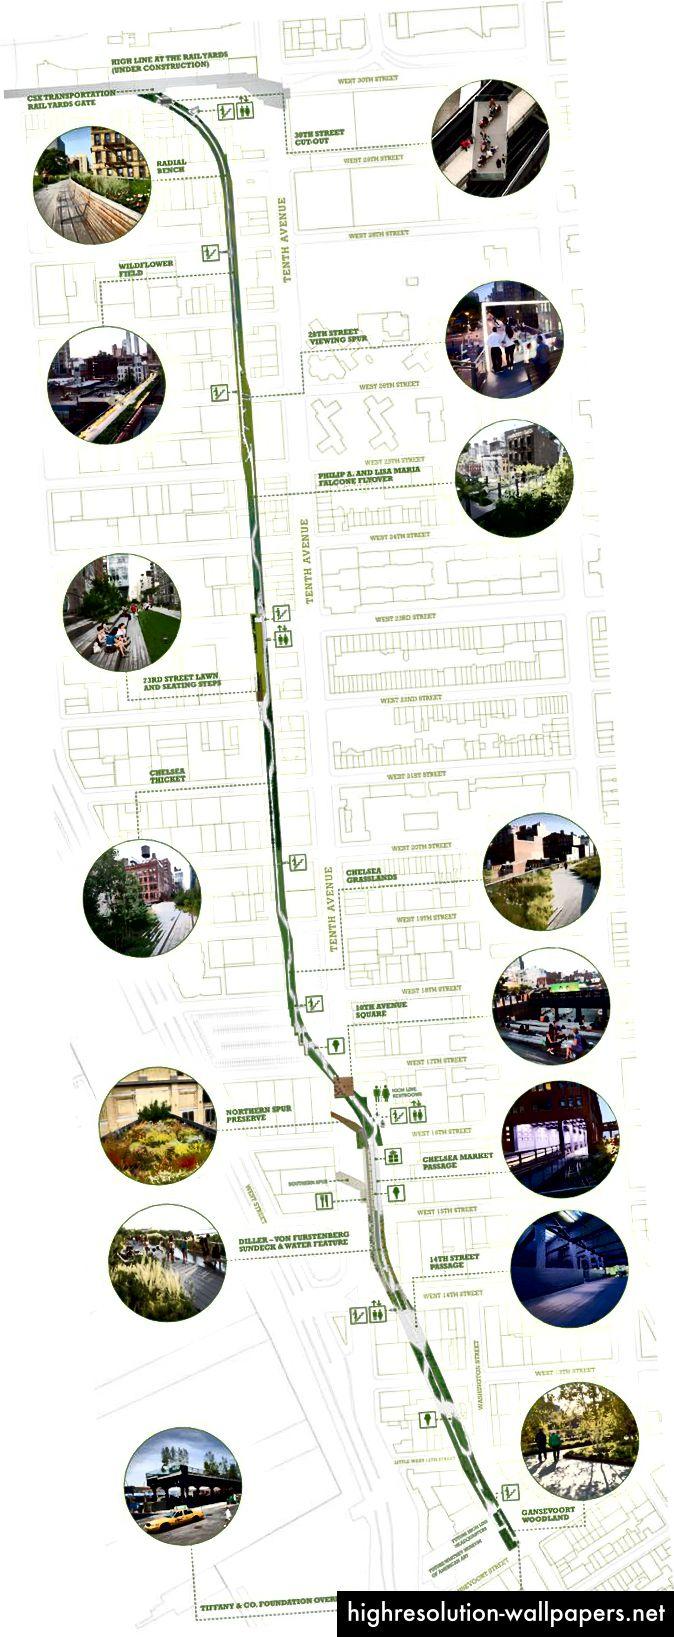 Μεικτό χάρτη μέσων Μια επισκόπηση της High Line στο Μανχάταν - με φωτογραφία και ελάχιστο χάρτη. Φωτογραφία που αναδεικνύει τα σημεία ενδιαφέροντος κατά μήκος της διαδρομής.